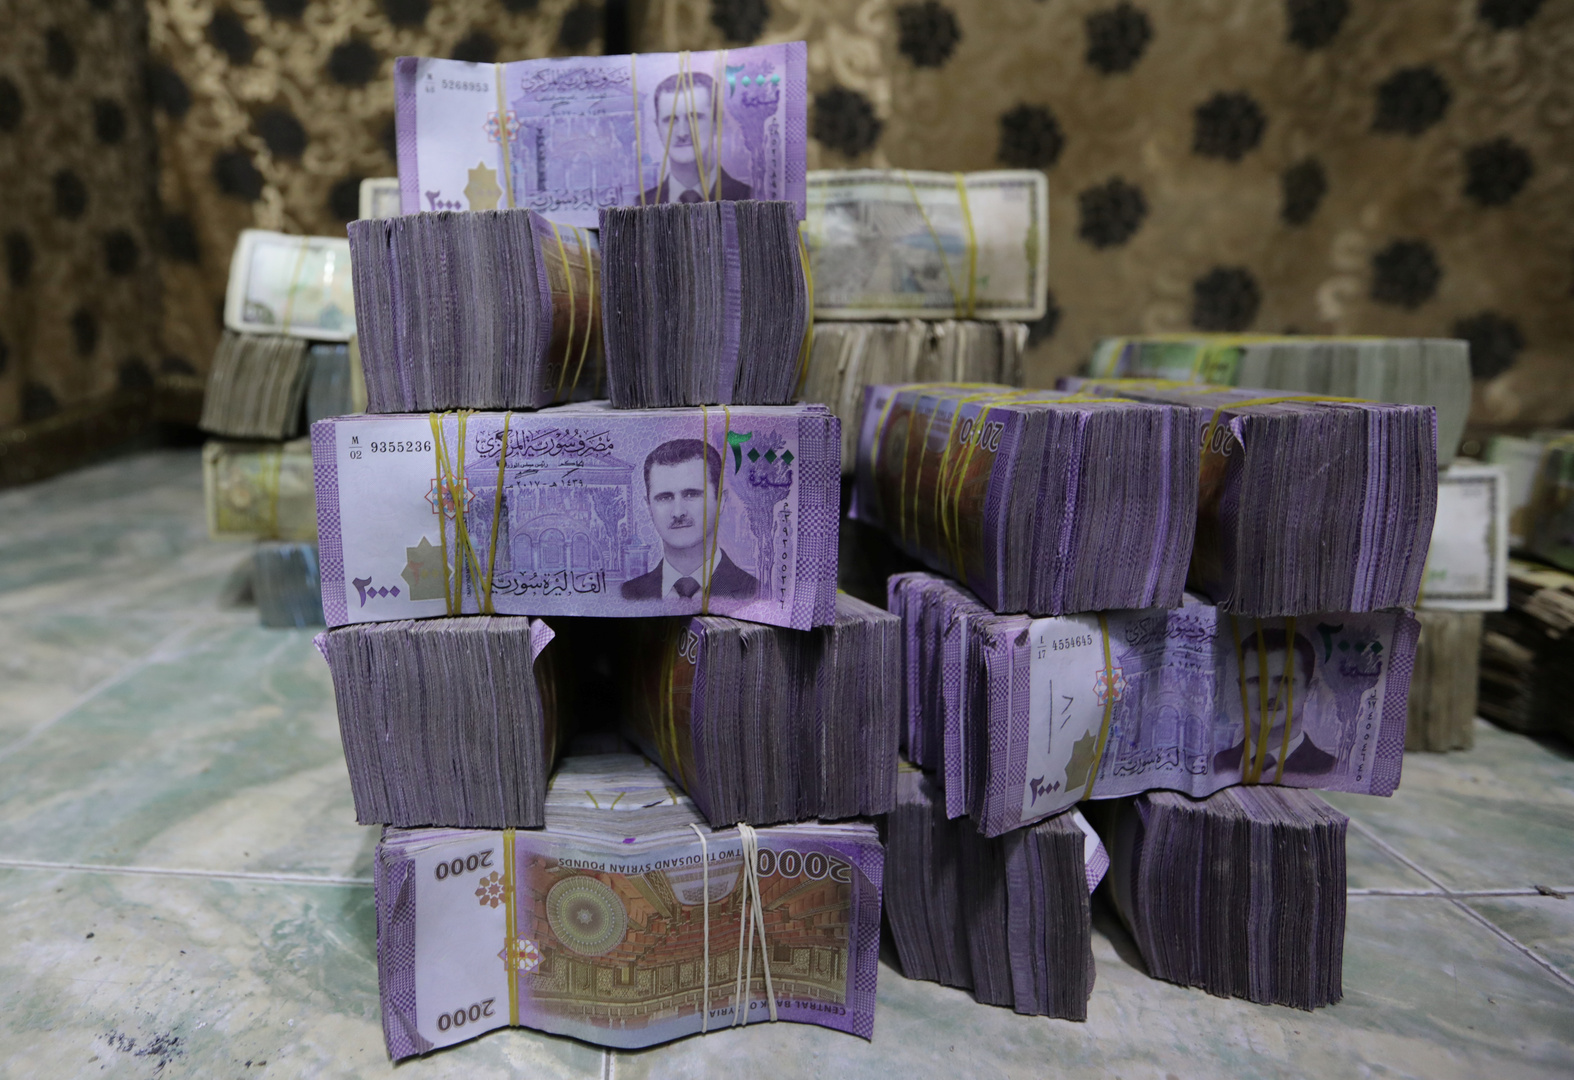 وزير التجارة الداخلية السوري: سعر الصرف سيستقر قريبا